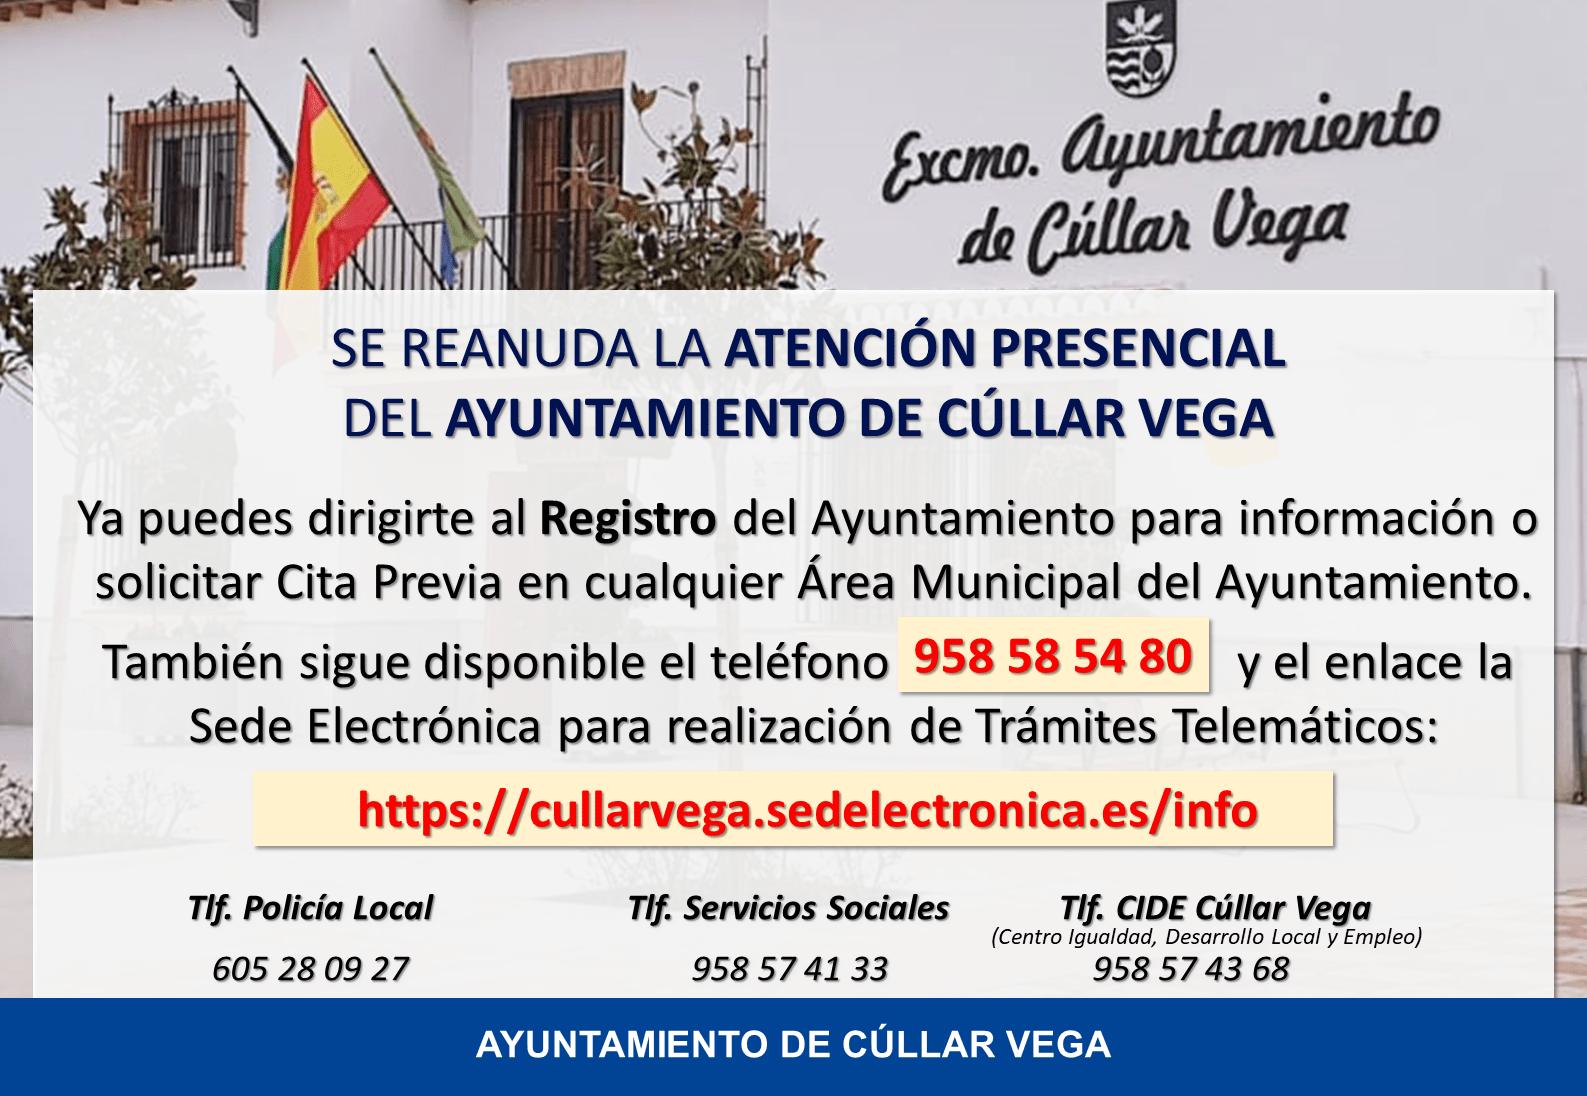 Se reanuda la Atención Presencial del Ayuntamiento de Cúllar Vega